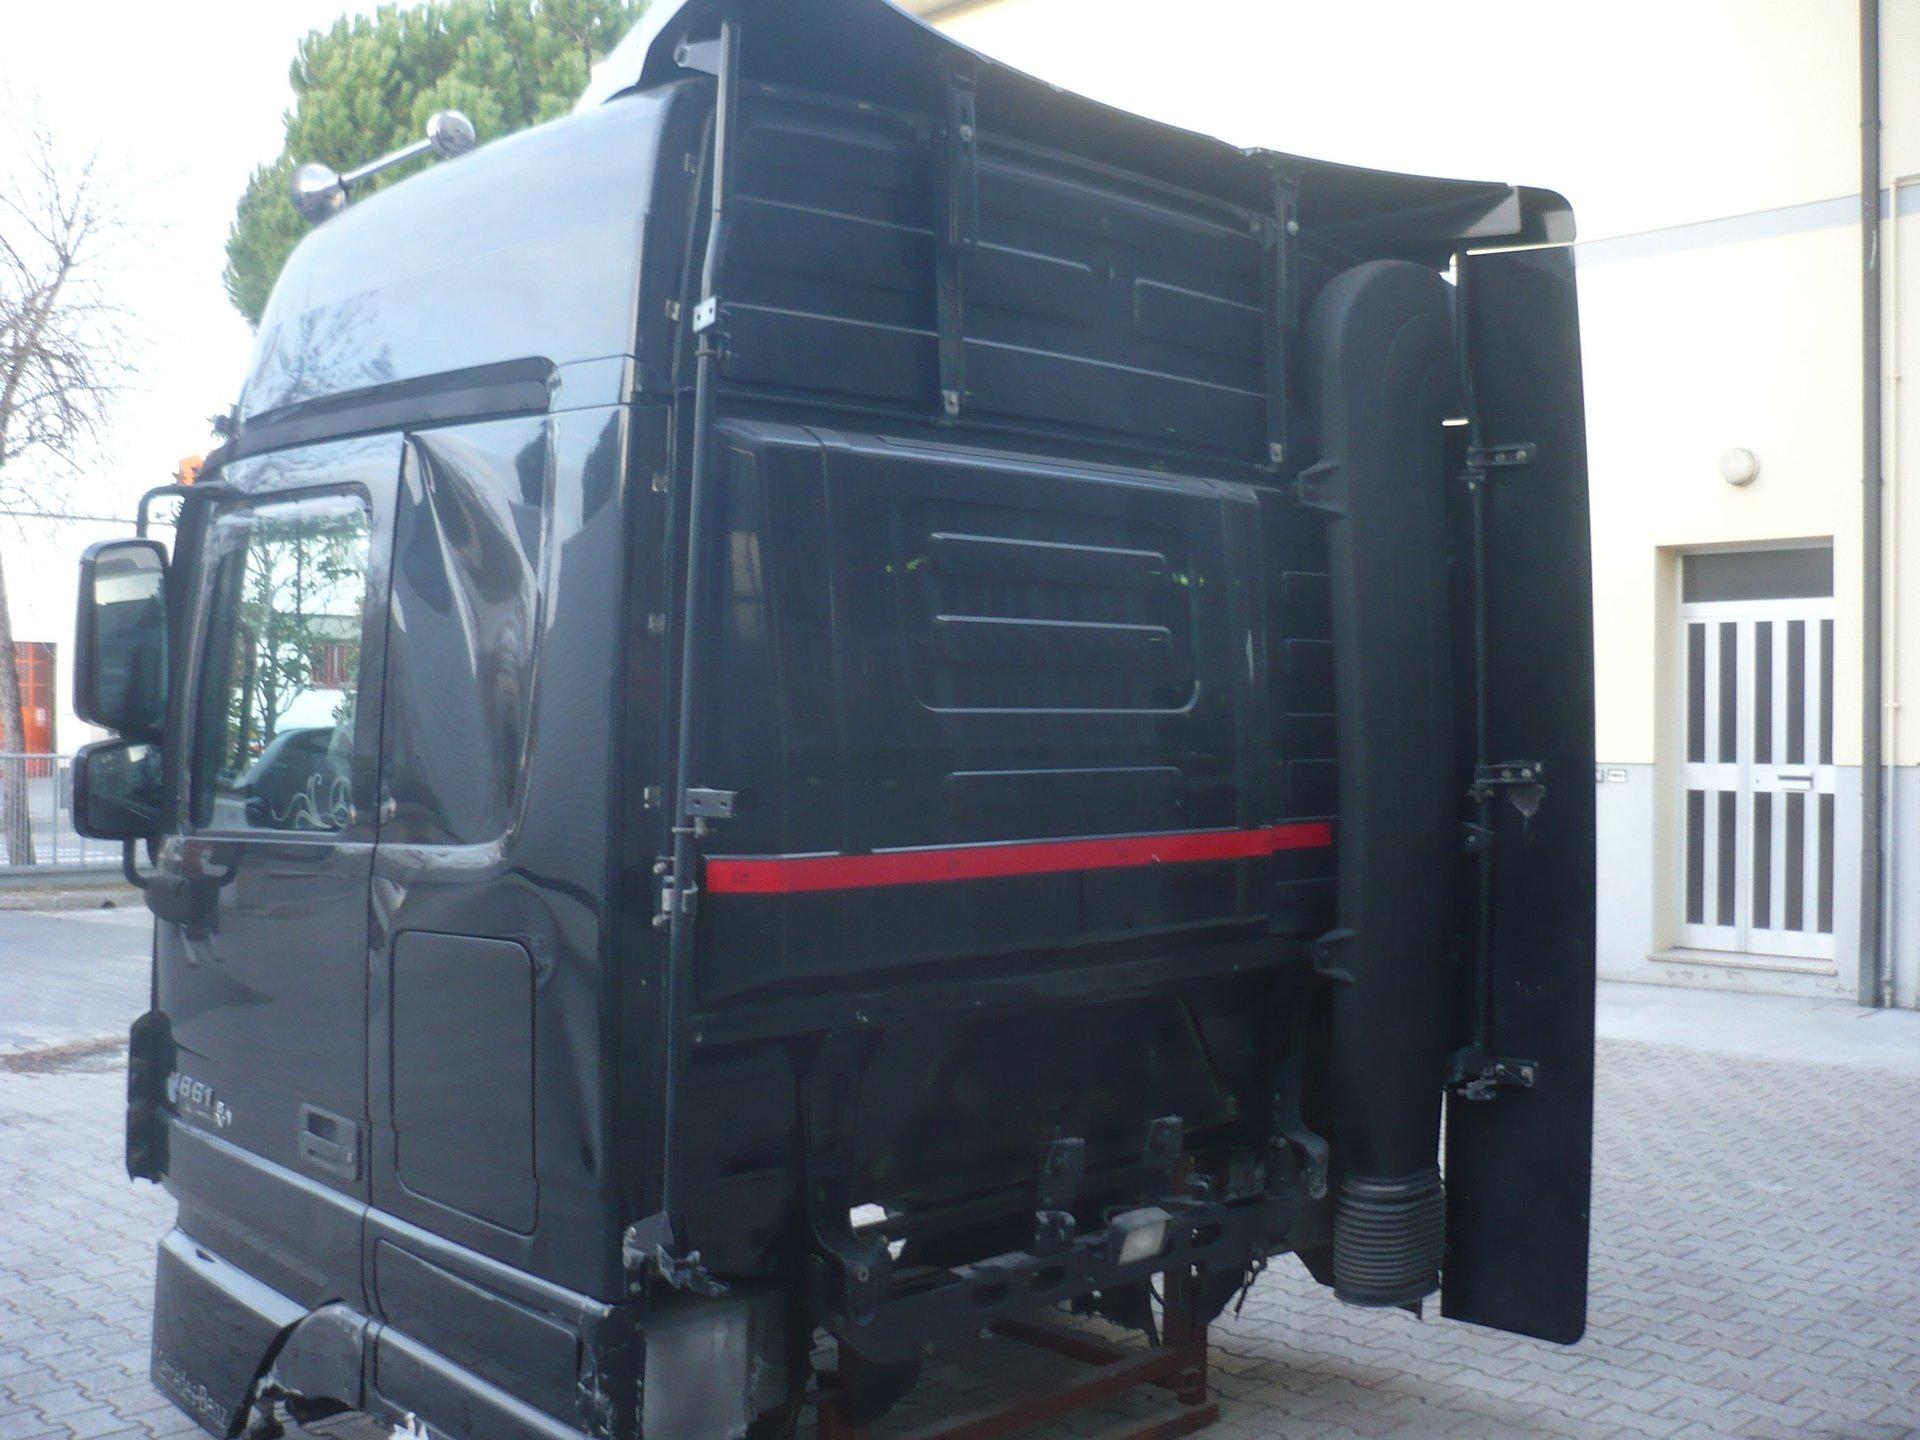 Cabina Volvo Fh Globetrotter 2000 Completa